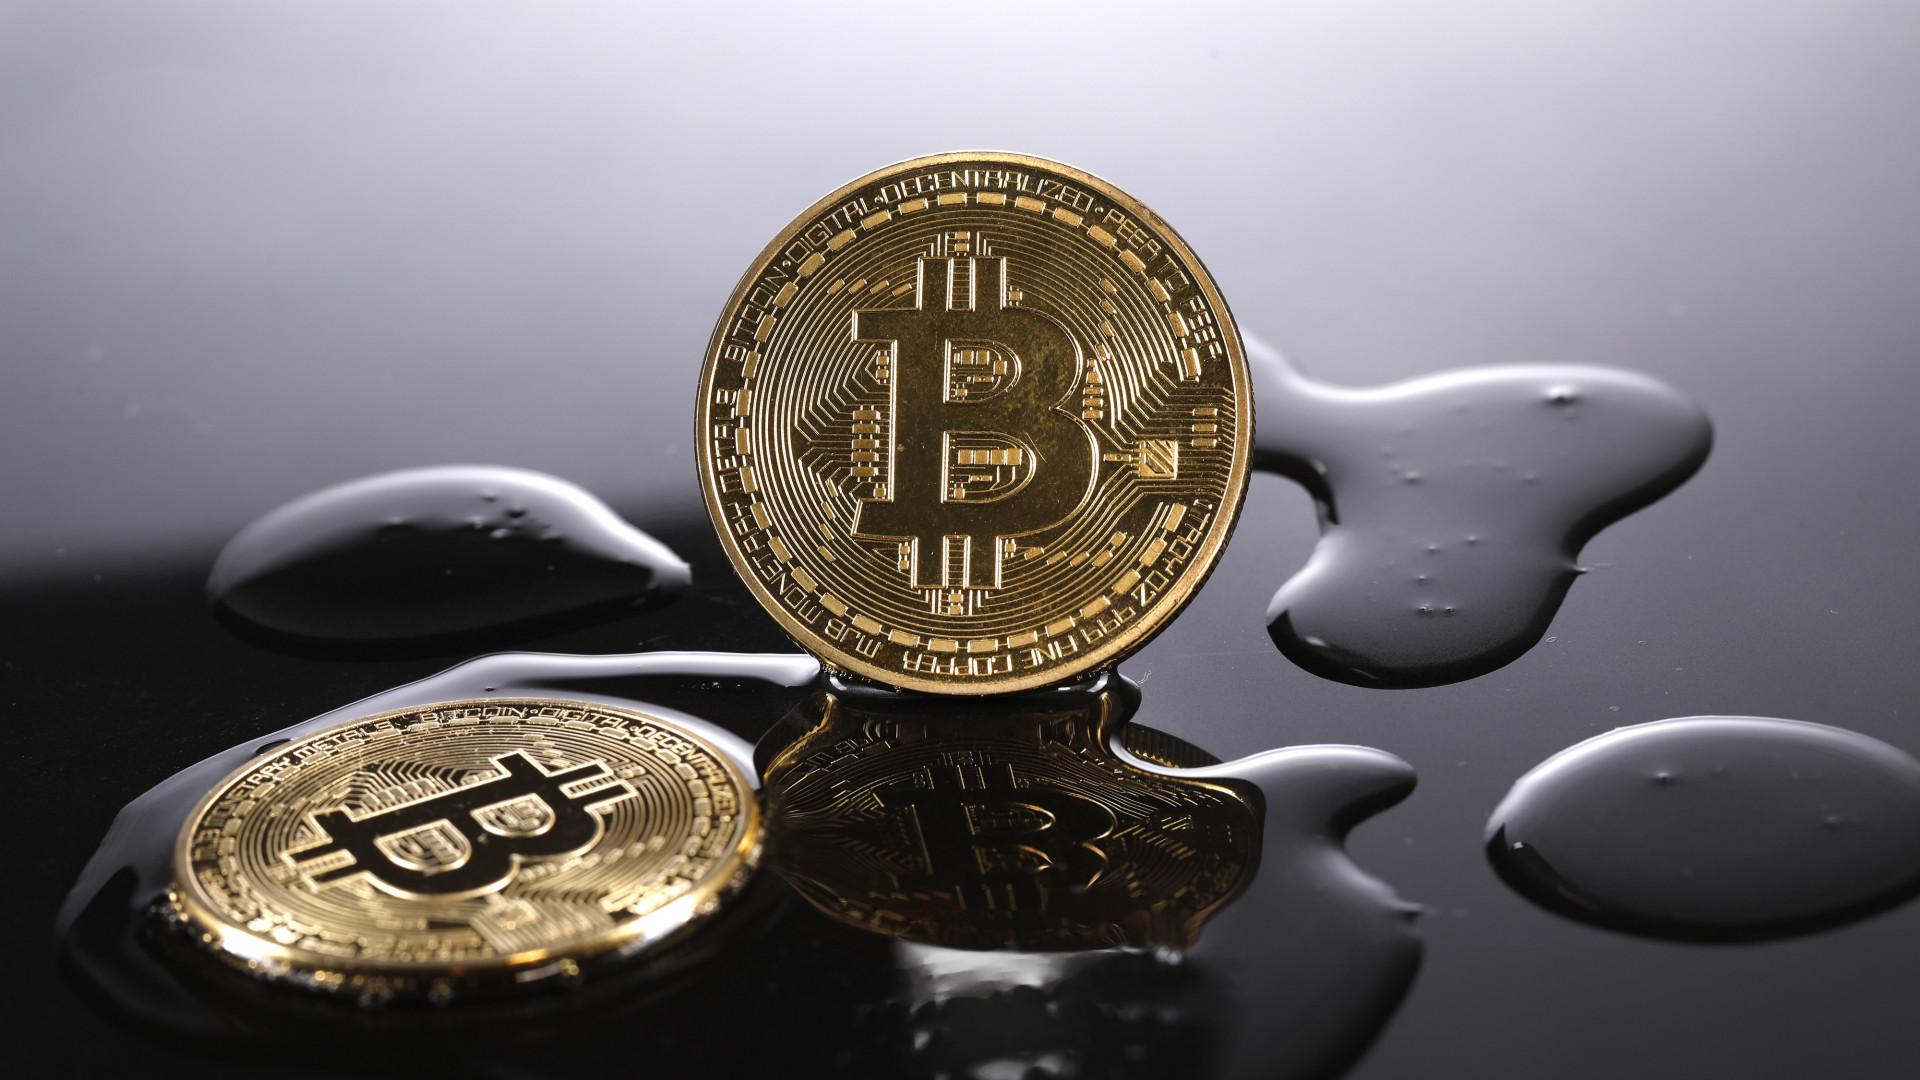 mikor lesz kibányászva az utolsó bitcoin mik a bináris opciók platformjai